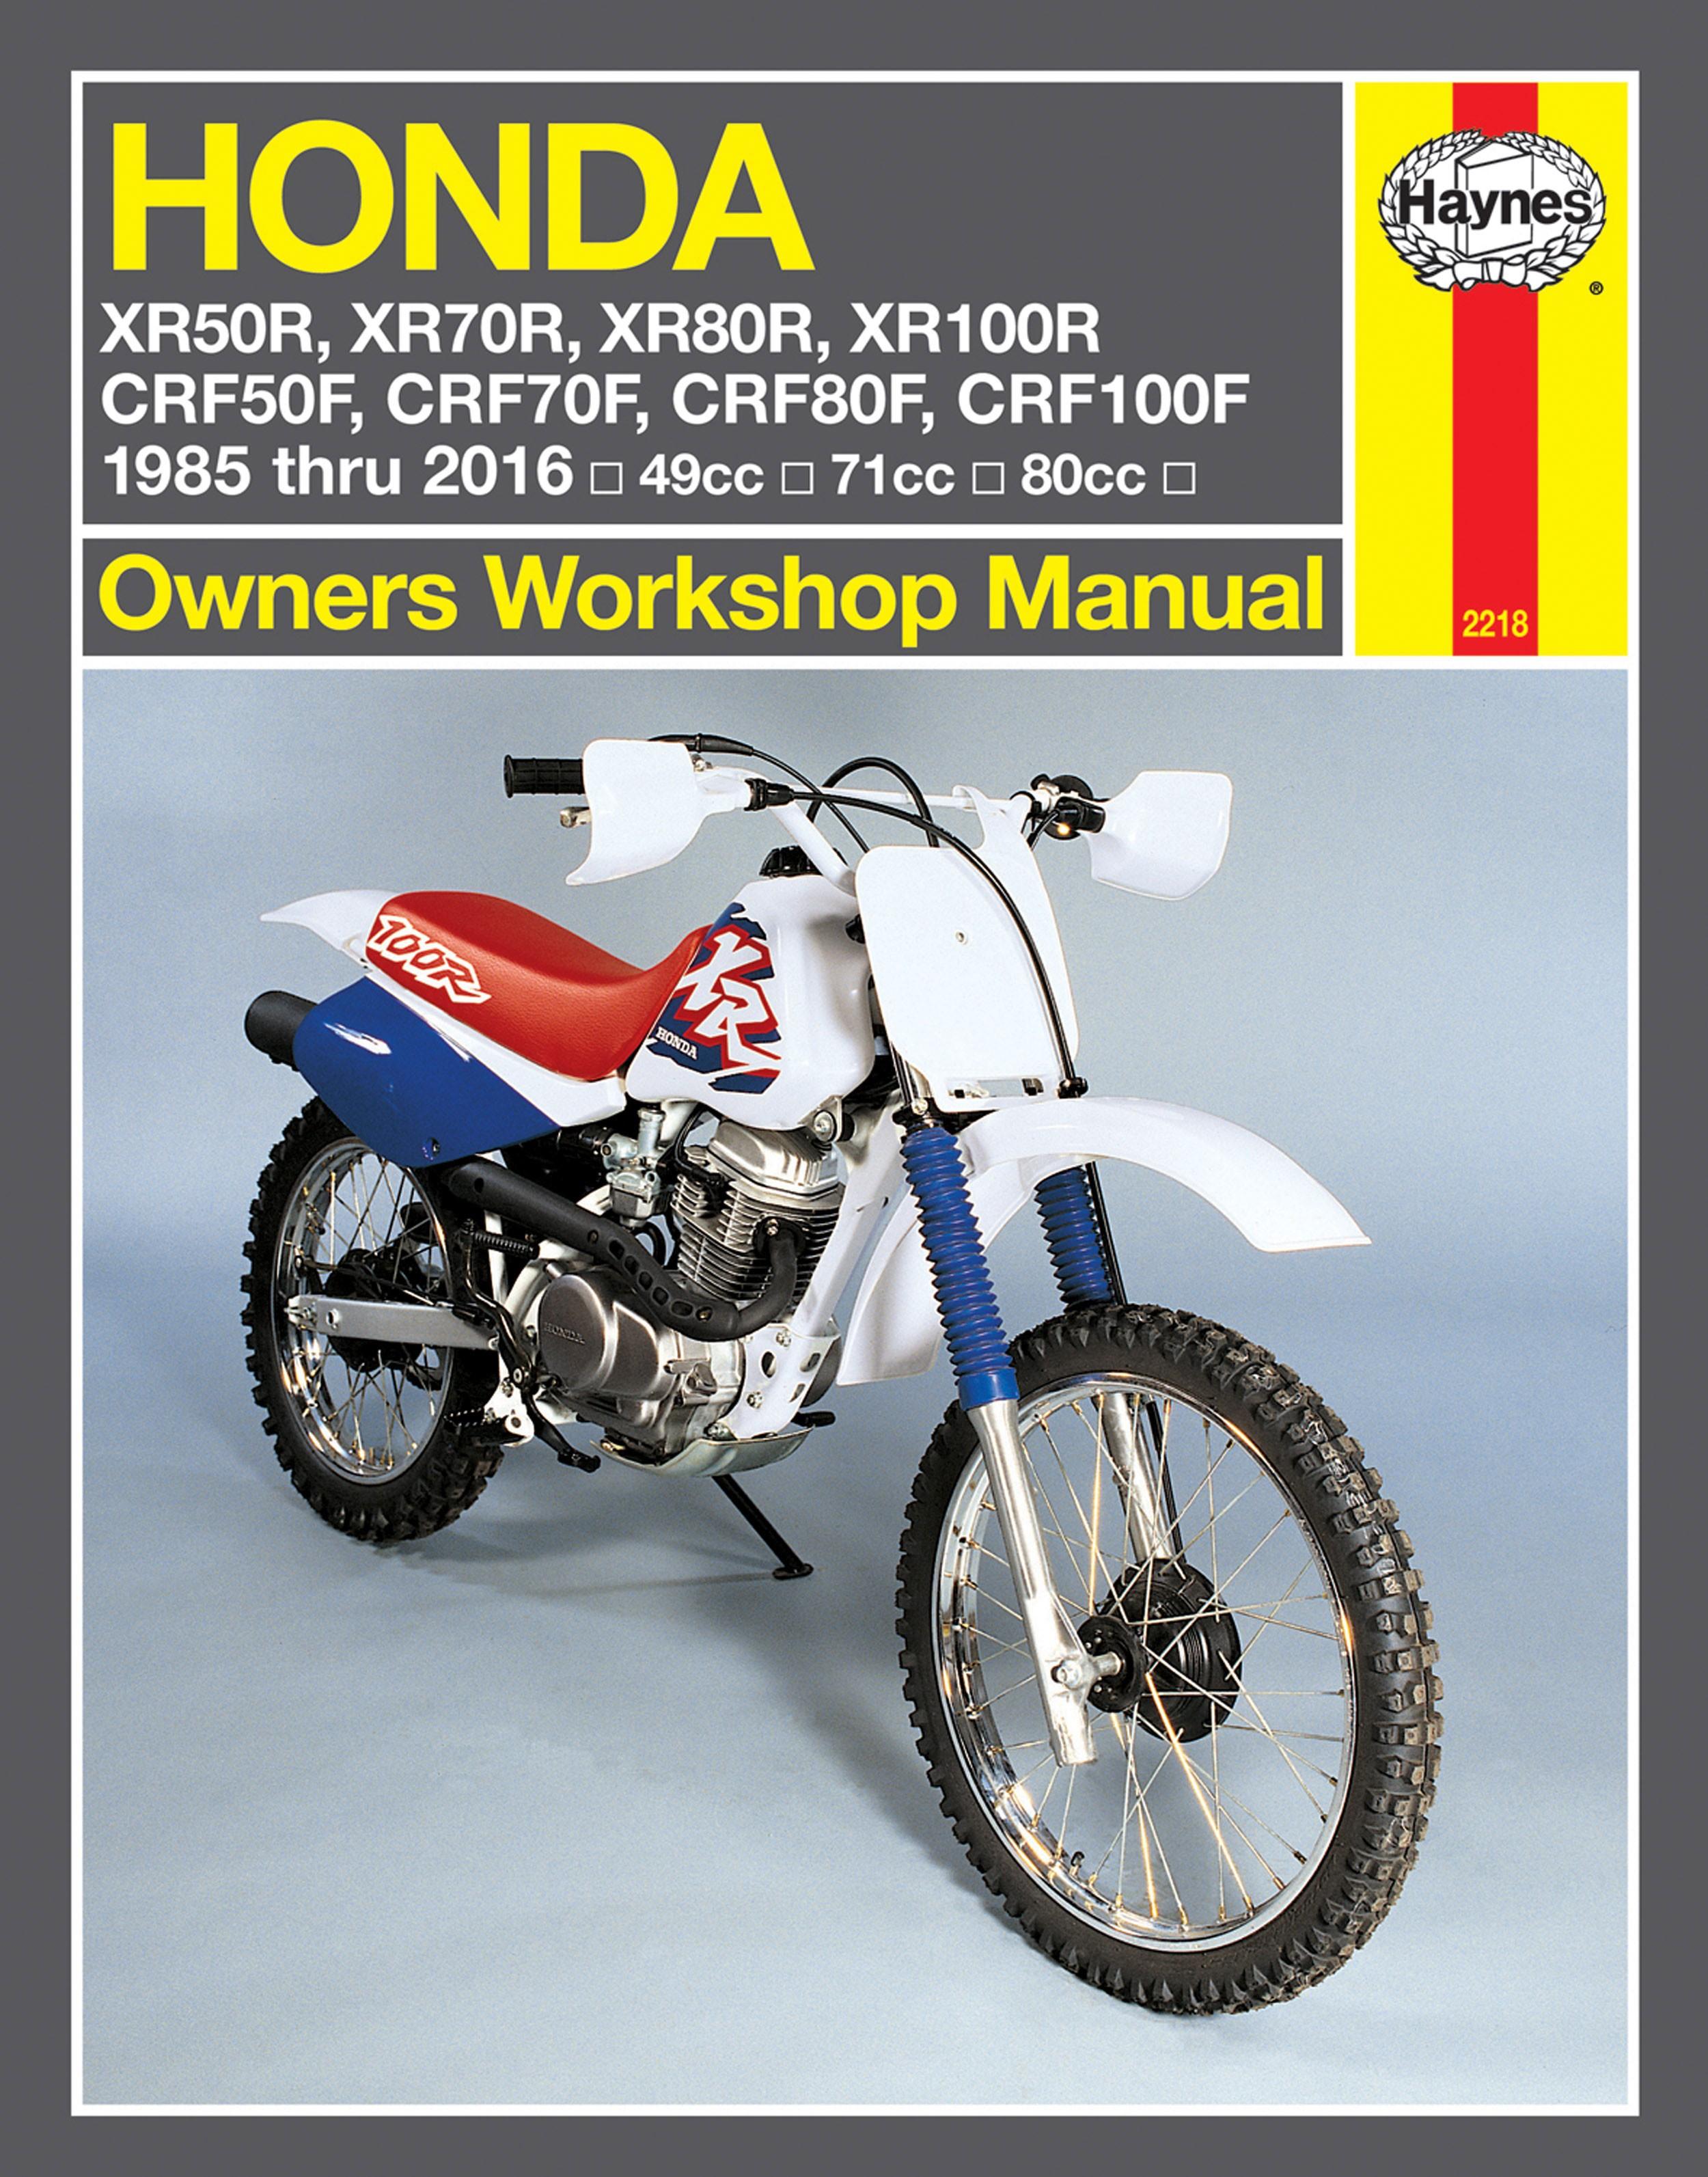 HAYNES Repair Manual - Honda XR50R, XR70R, XR80R, XR100R, CRF50F, CRF70F,  CRF80F, CRF100F (1985-2007)